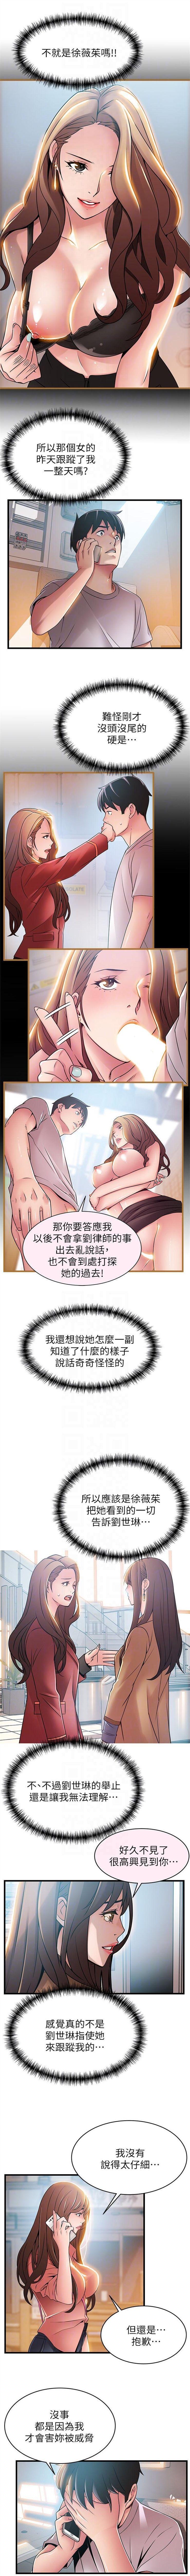 (周7)弱点 1-66 中文翻译(更新中) 251